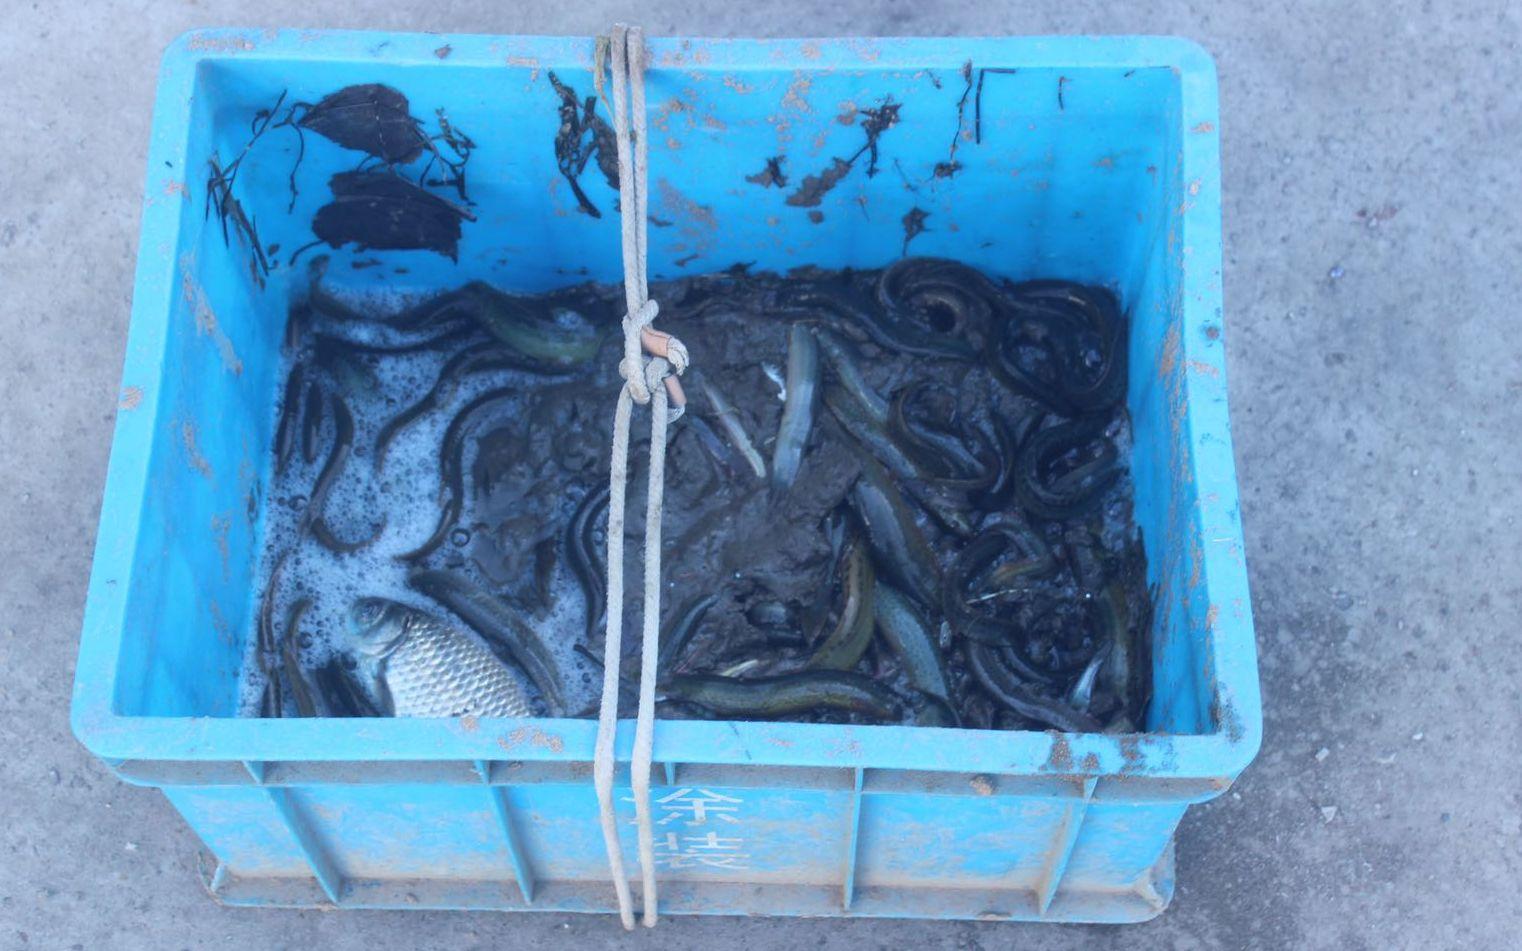 男子潮白河电鱼被刑拘,警方去年破获非法捕捞案件36起图片